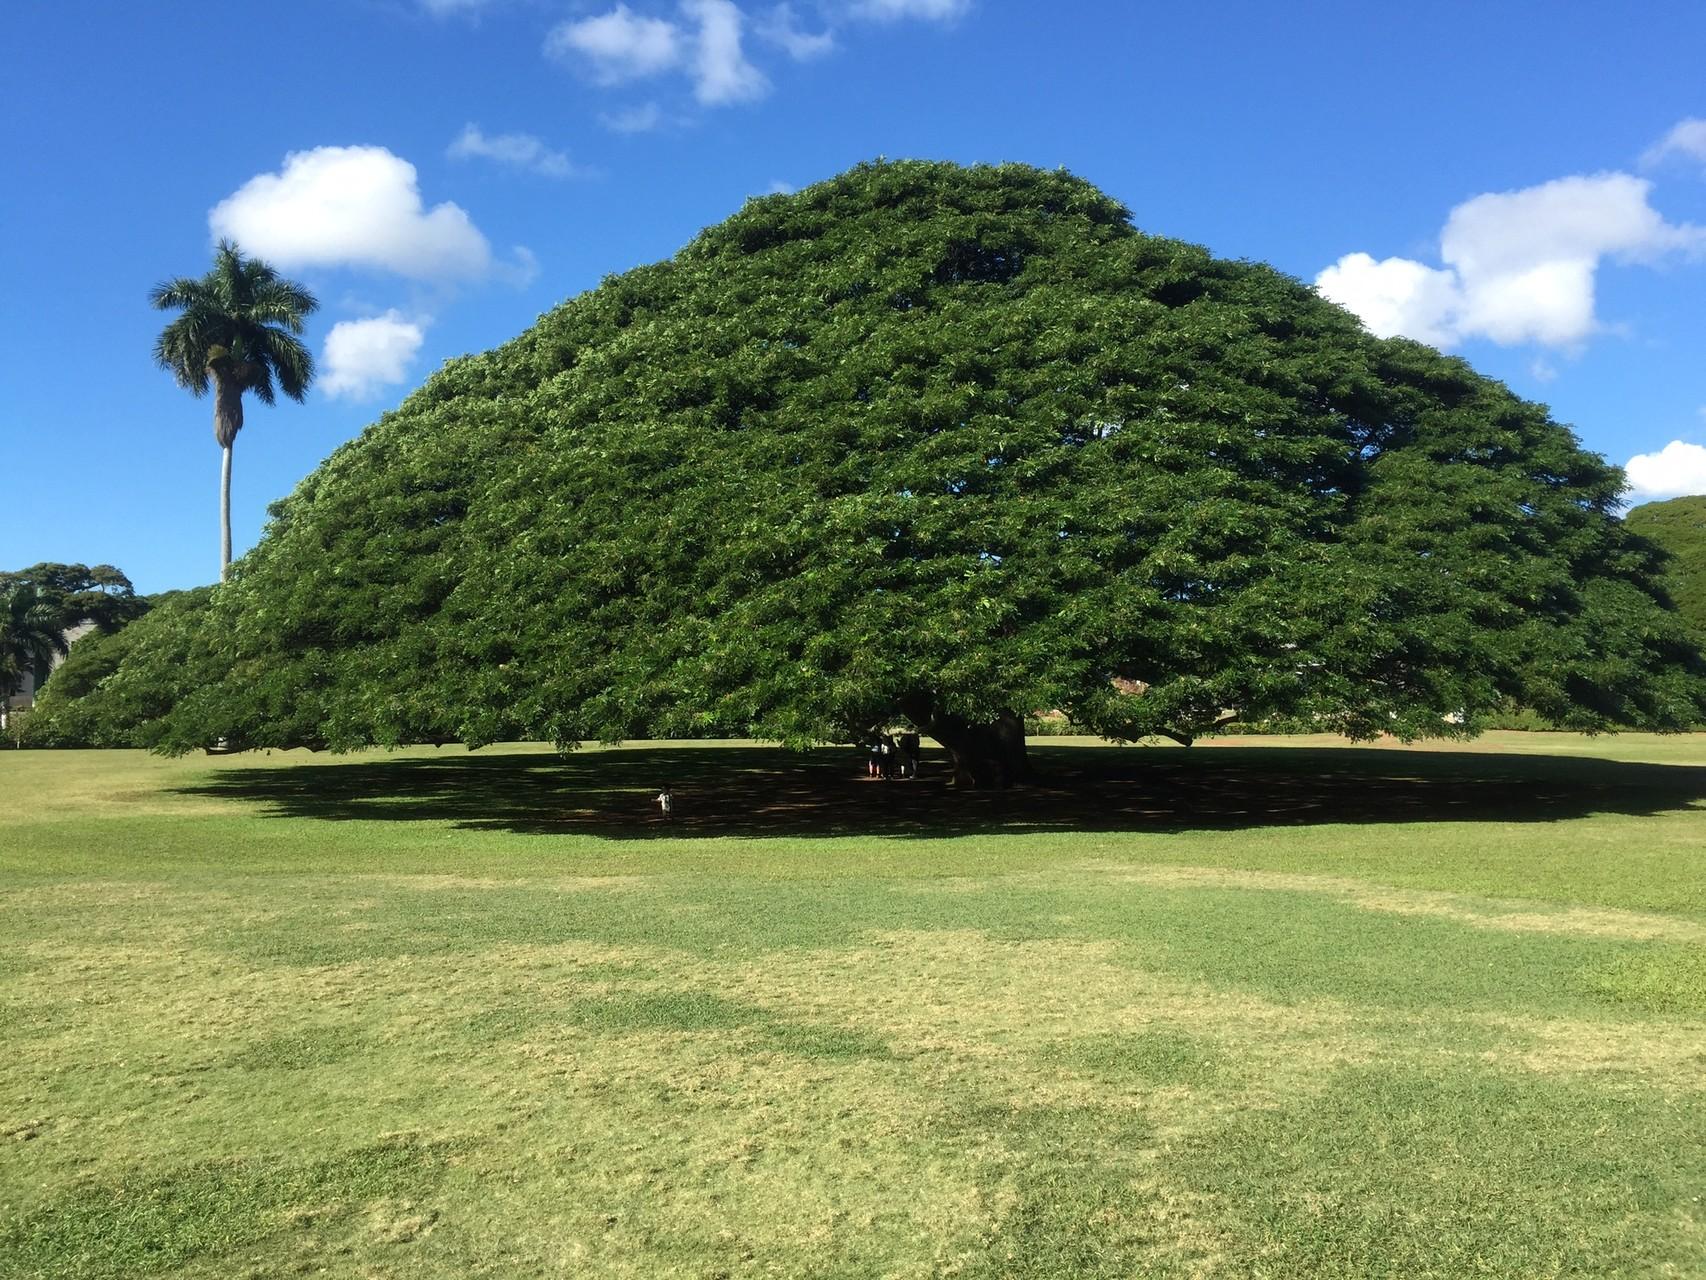 ハワイ モアナルアガーデンへ行こう